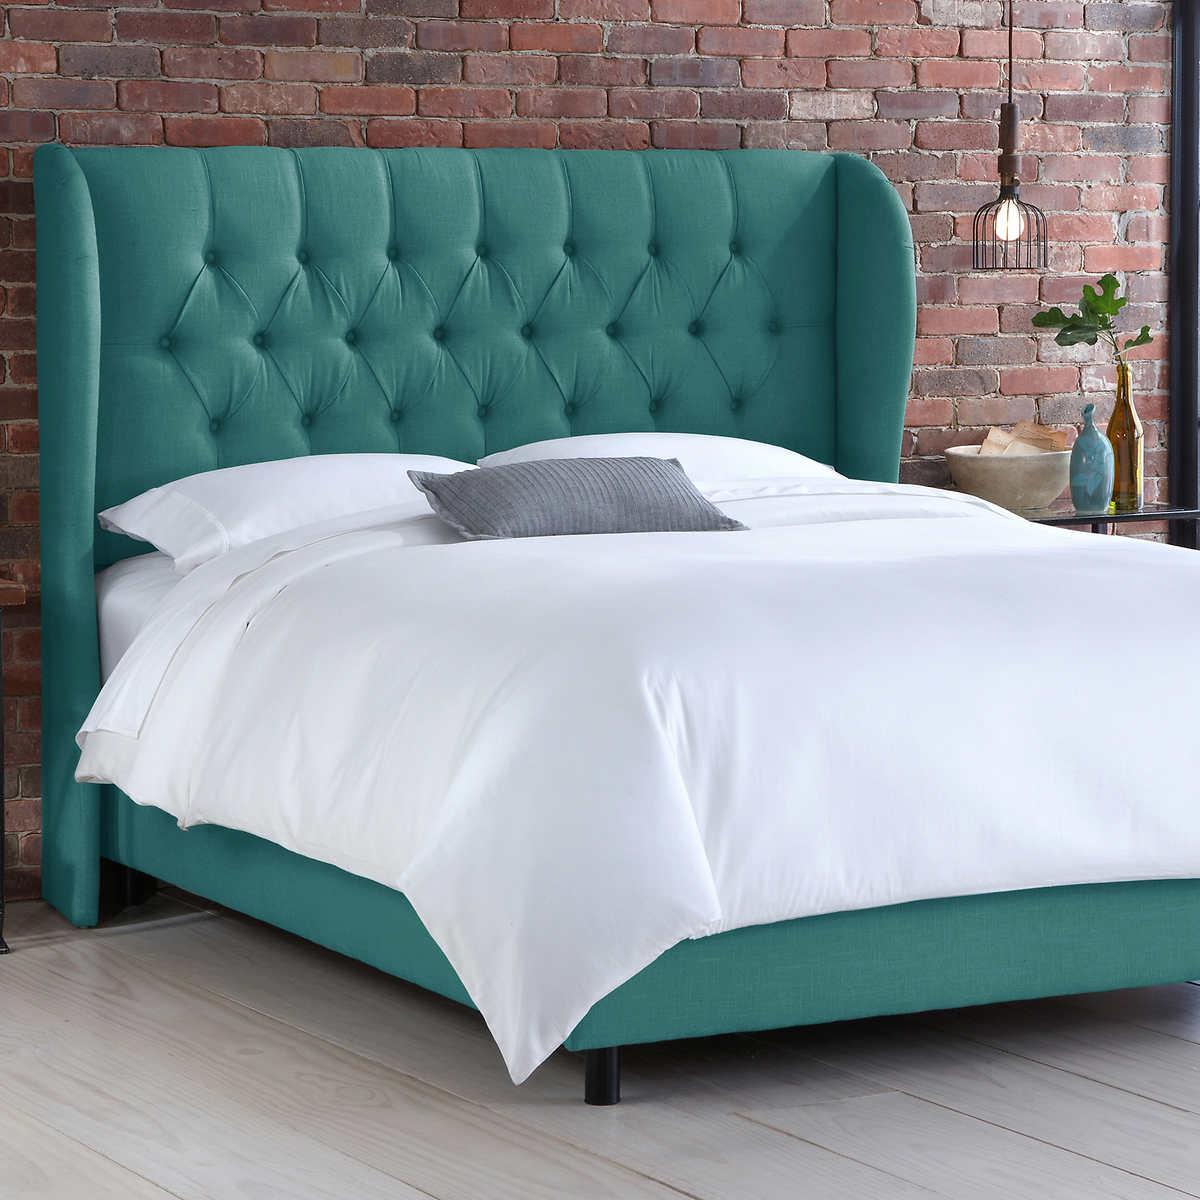 Teal Bedroom Furniture Beds